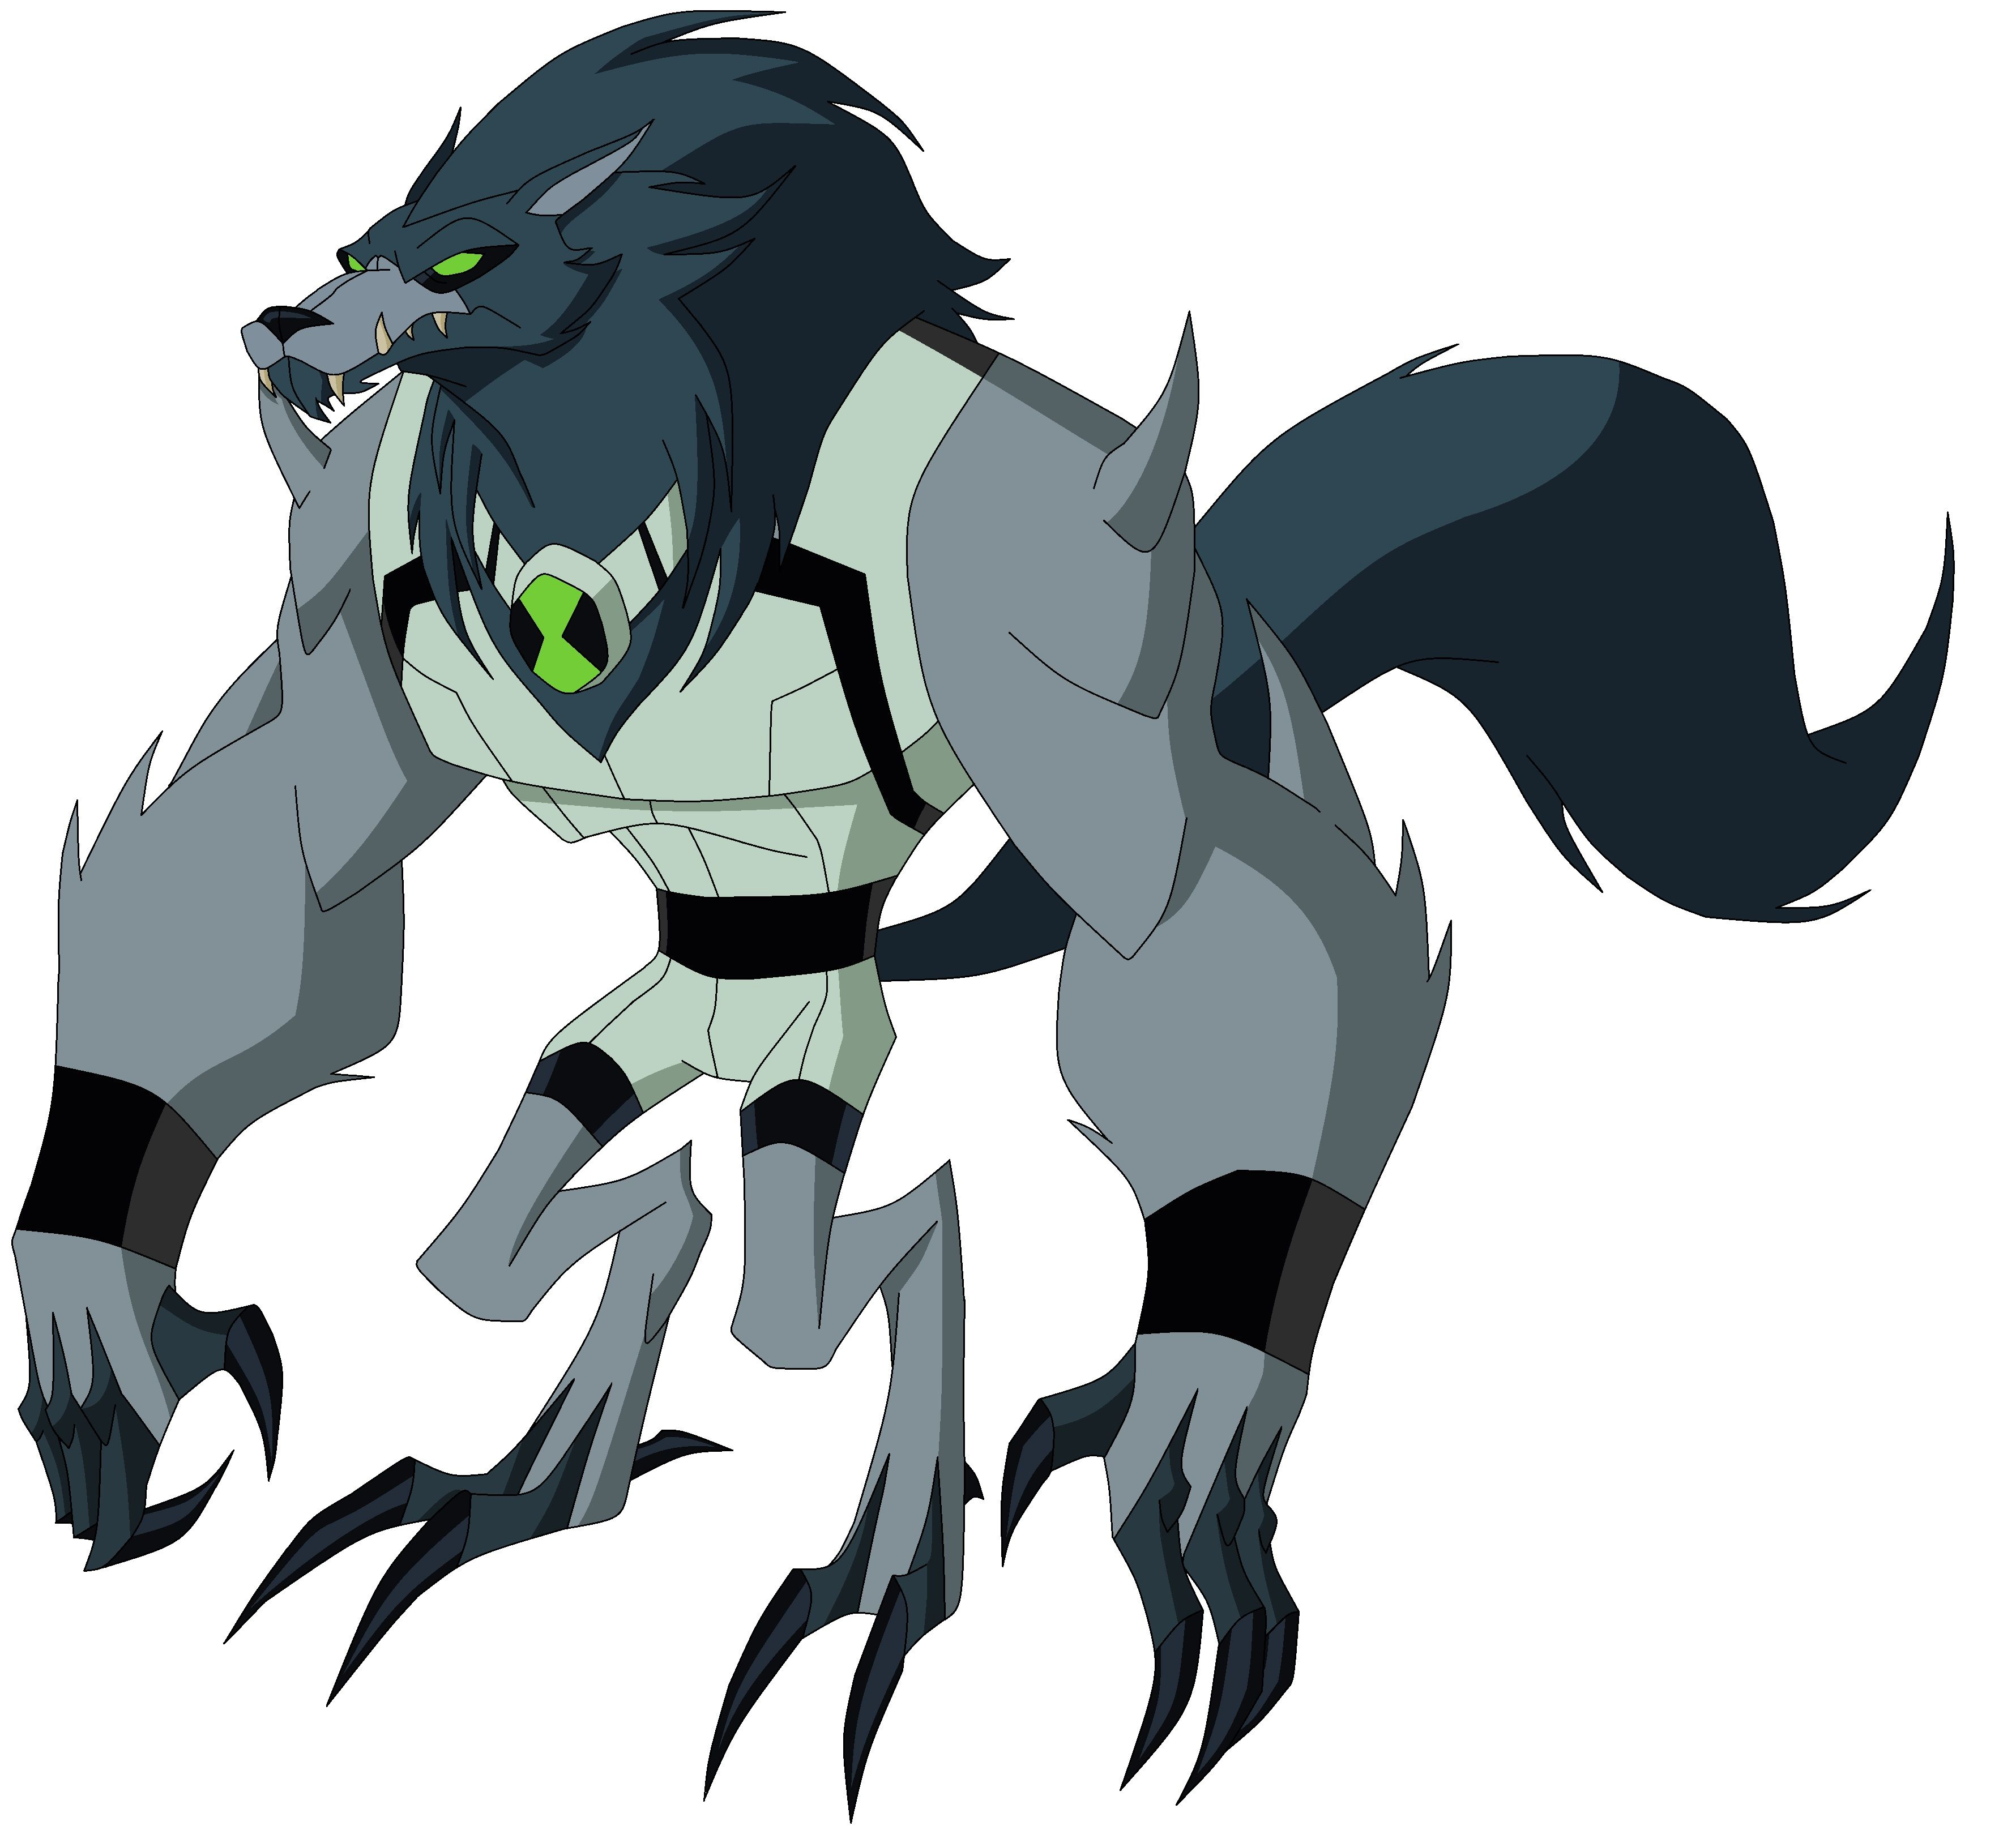 Blitzwolfer Ben 10 Ben 10 Ben 10 Alien Force Ben 10 Ultimate Alien